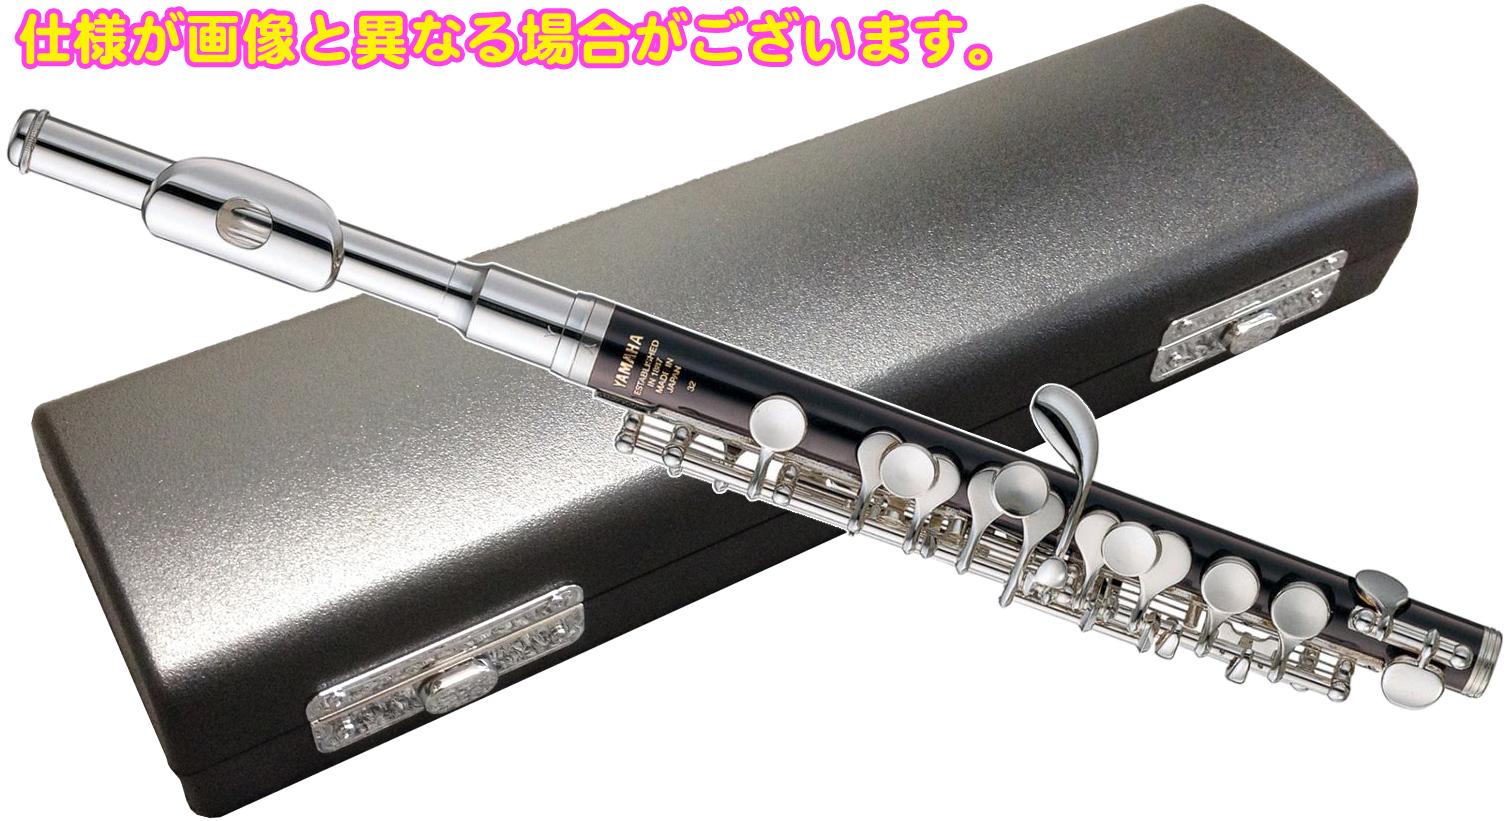 YAMAHA ( ヤマハ ) YPC-32 樹脂製 ピッコロ 新品 管楽器 Eメカニズム付き スタンダードモデル 主管 ABS樹脂 頭部管 白銅製 楽器 送料無料